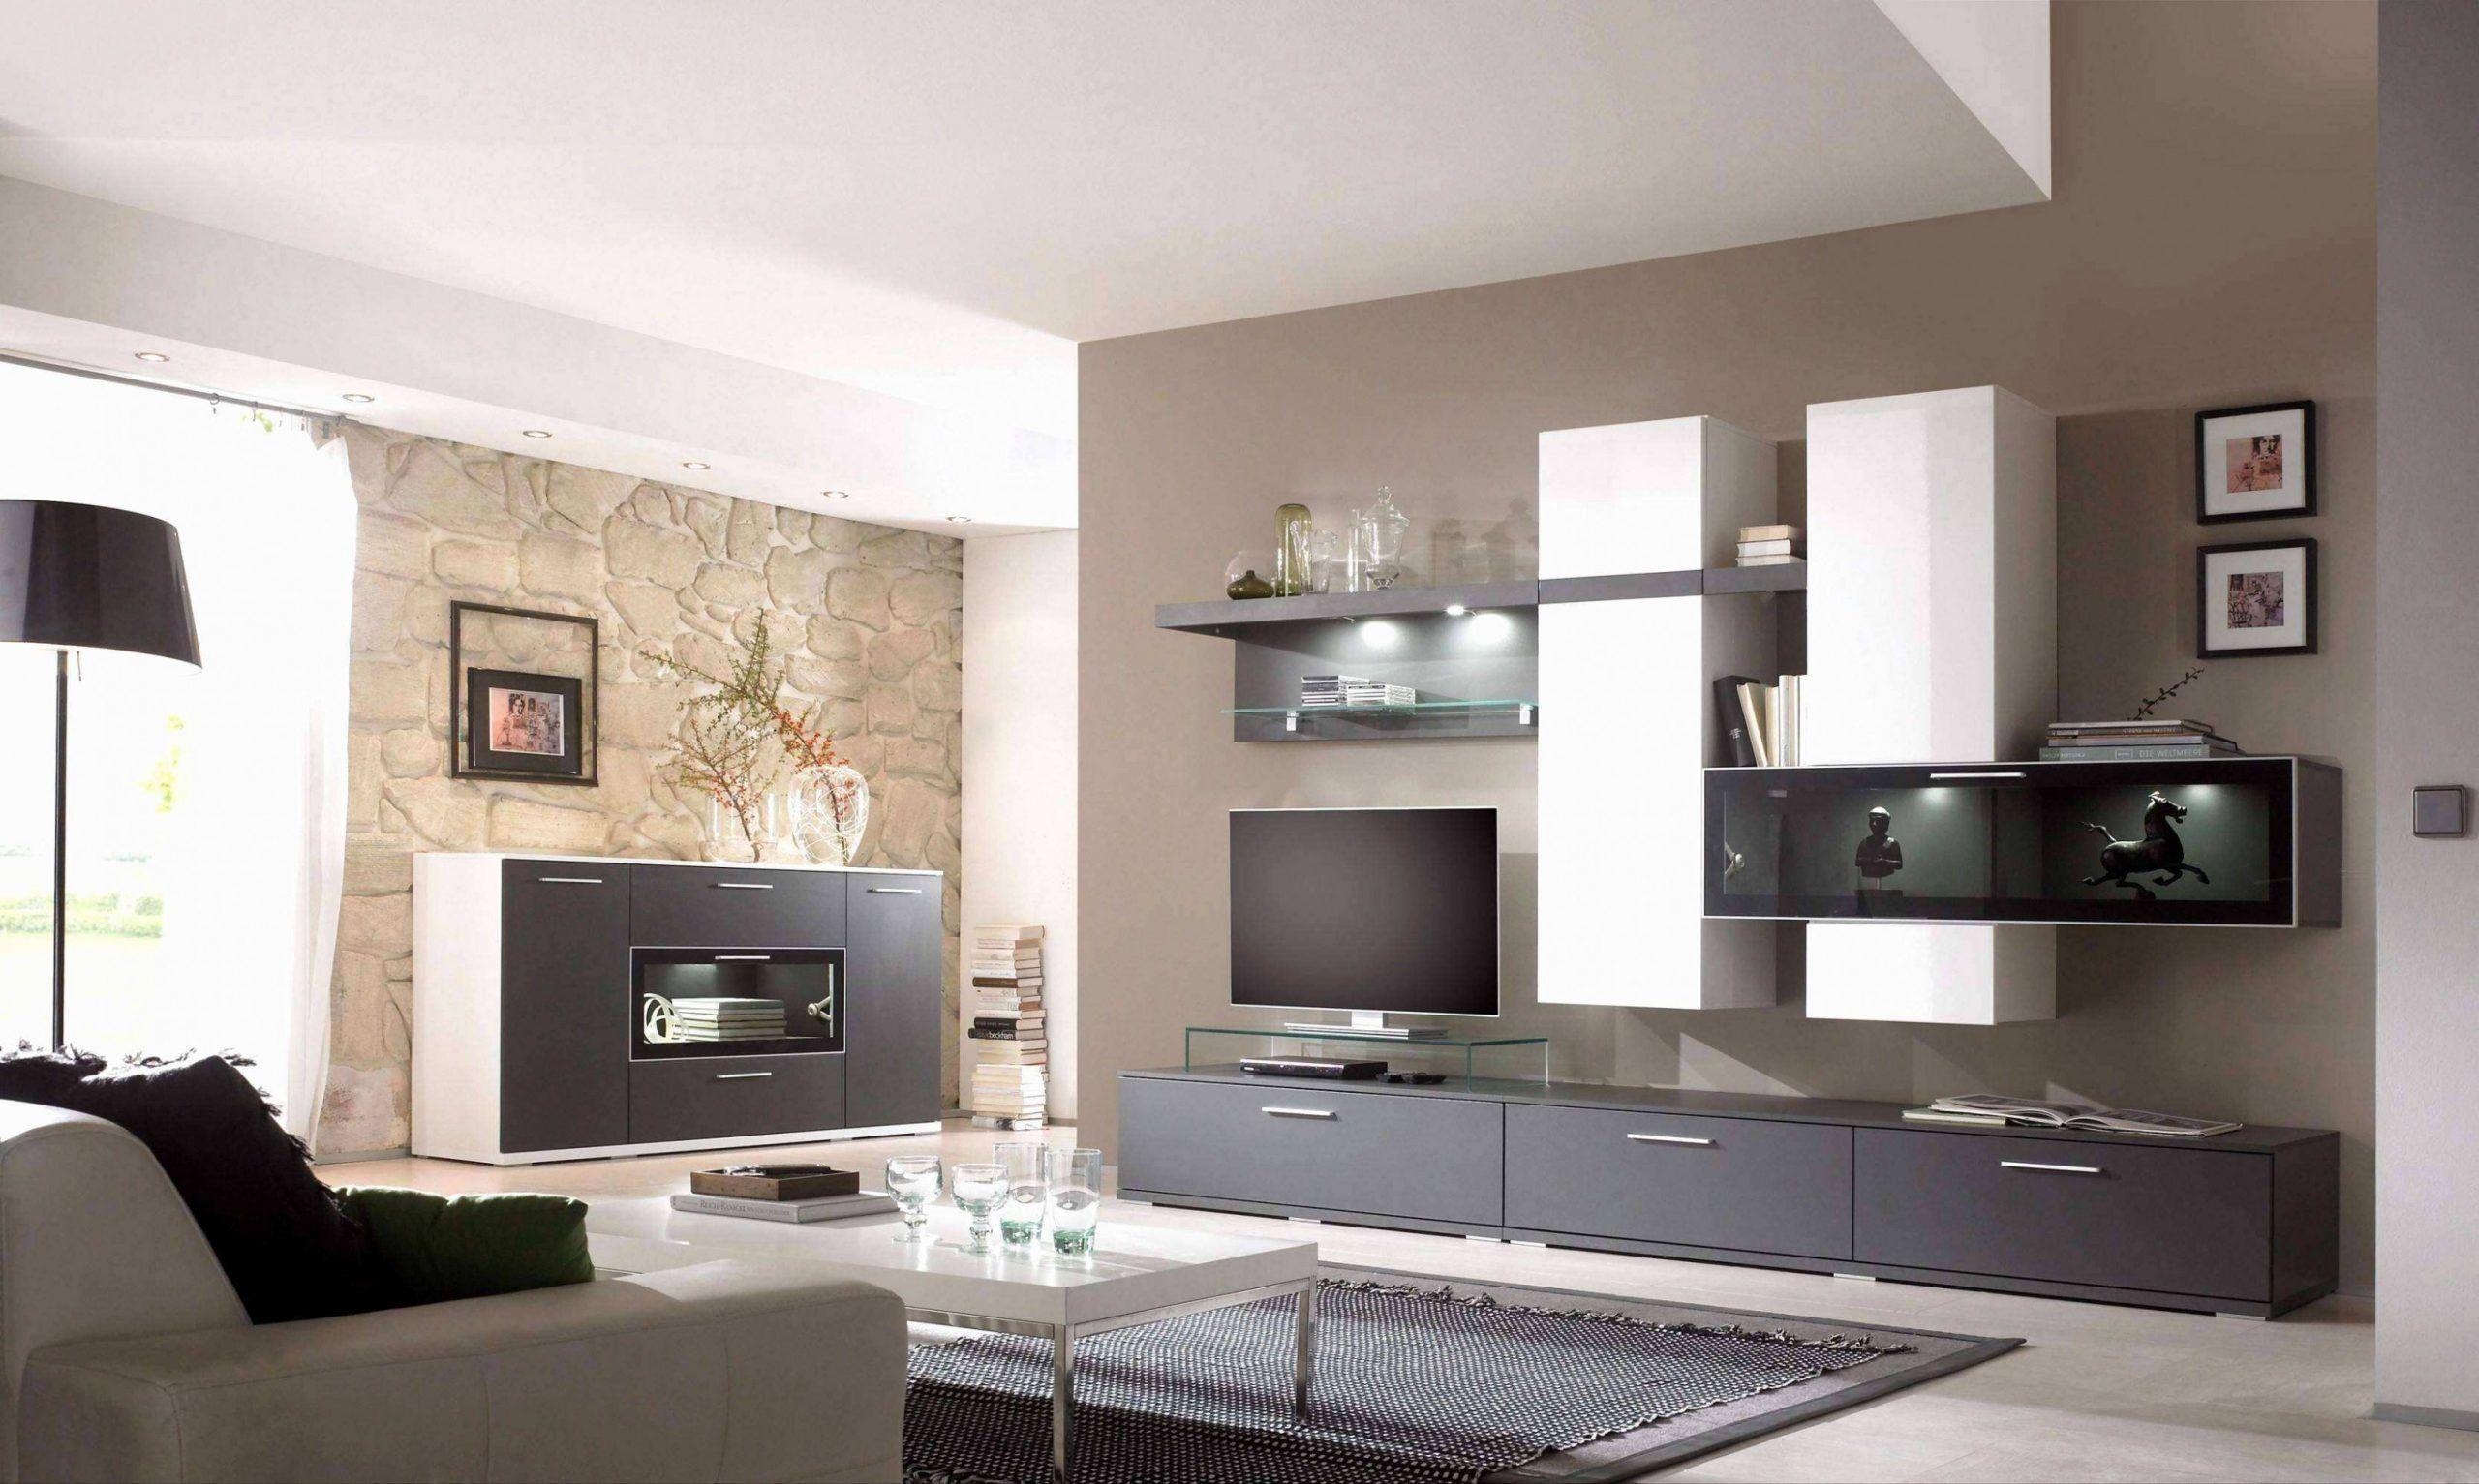 5 Wohnzimmer Deko Grau Braun in 5  Wandfarben ideen